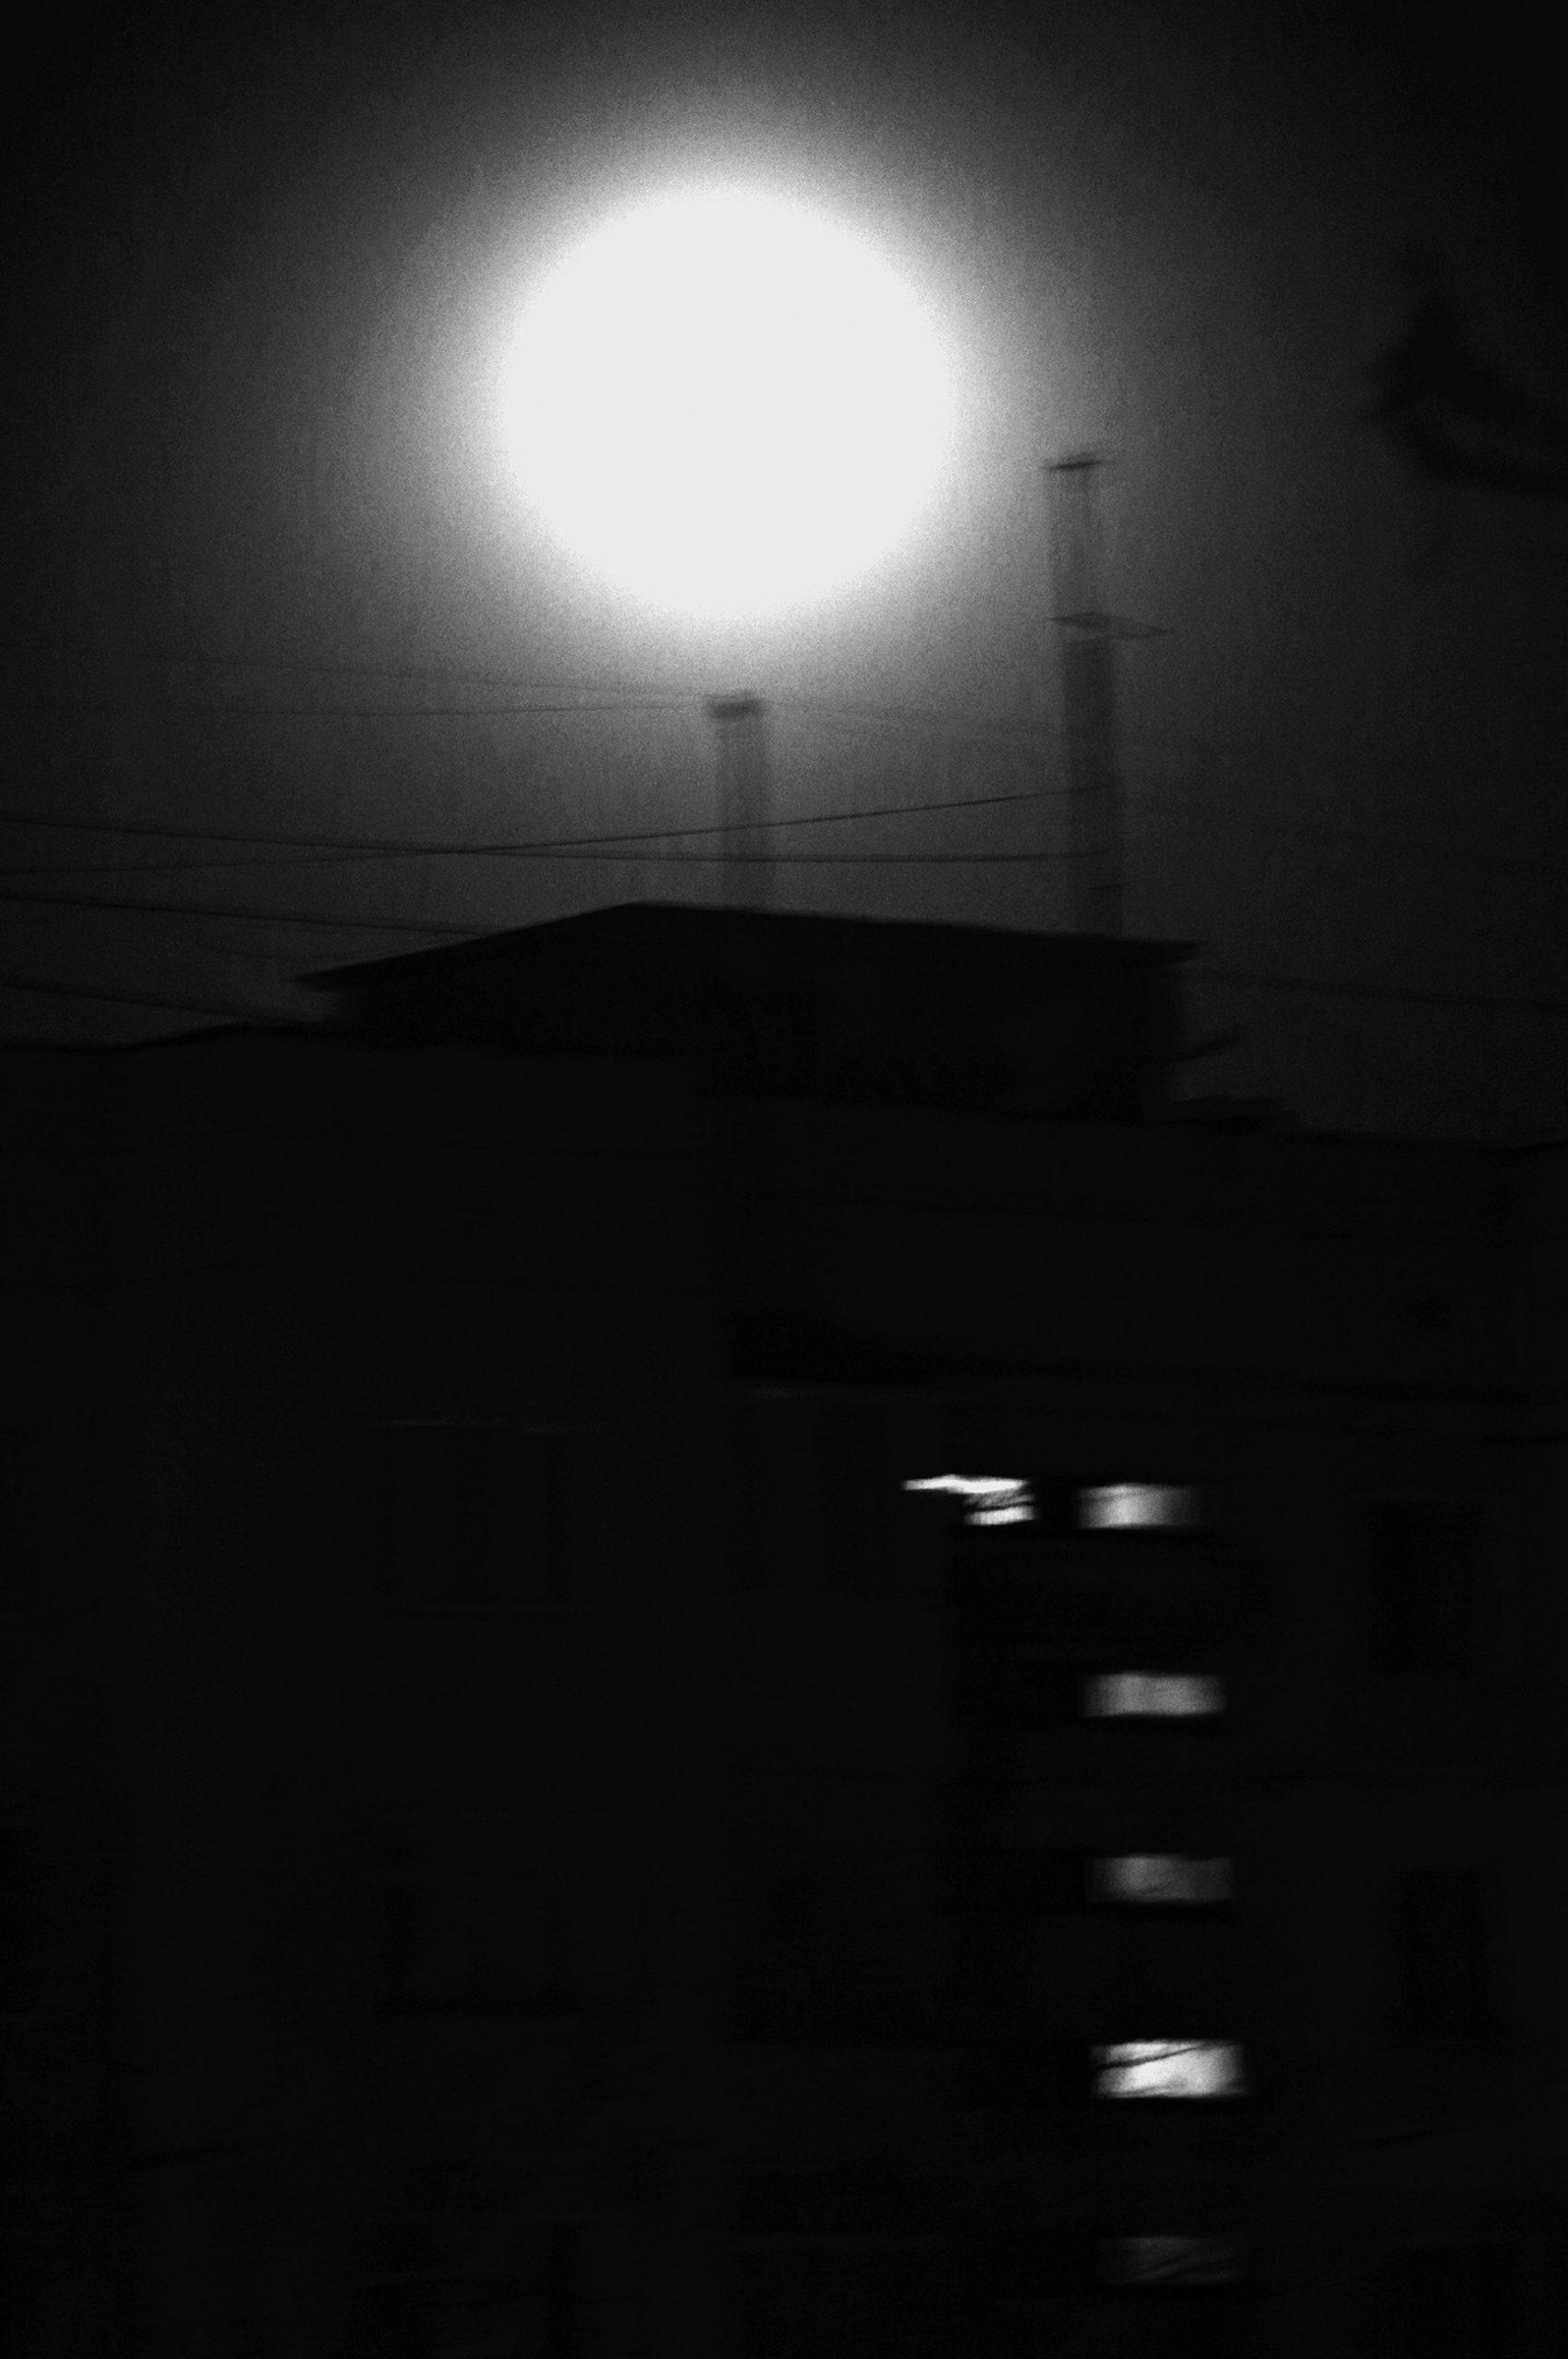 neselenko pic 06a scaled - <b>Світло і Слід.</b> Саша Населенко у «Рівні цензури» - Заборона